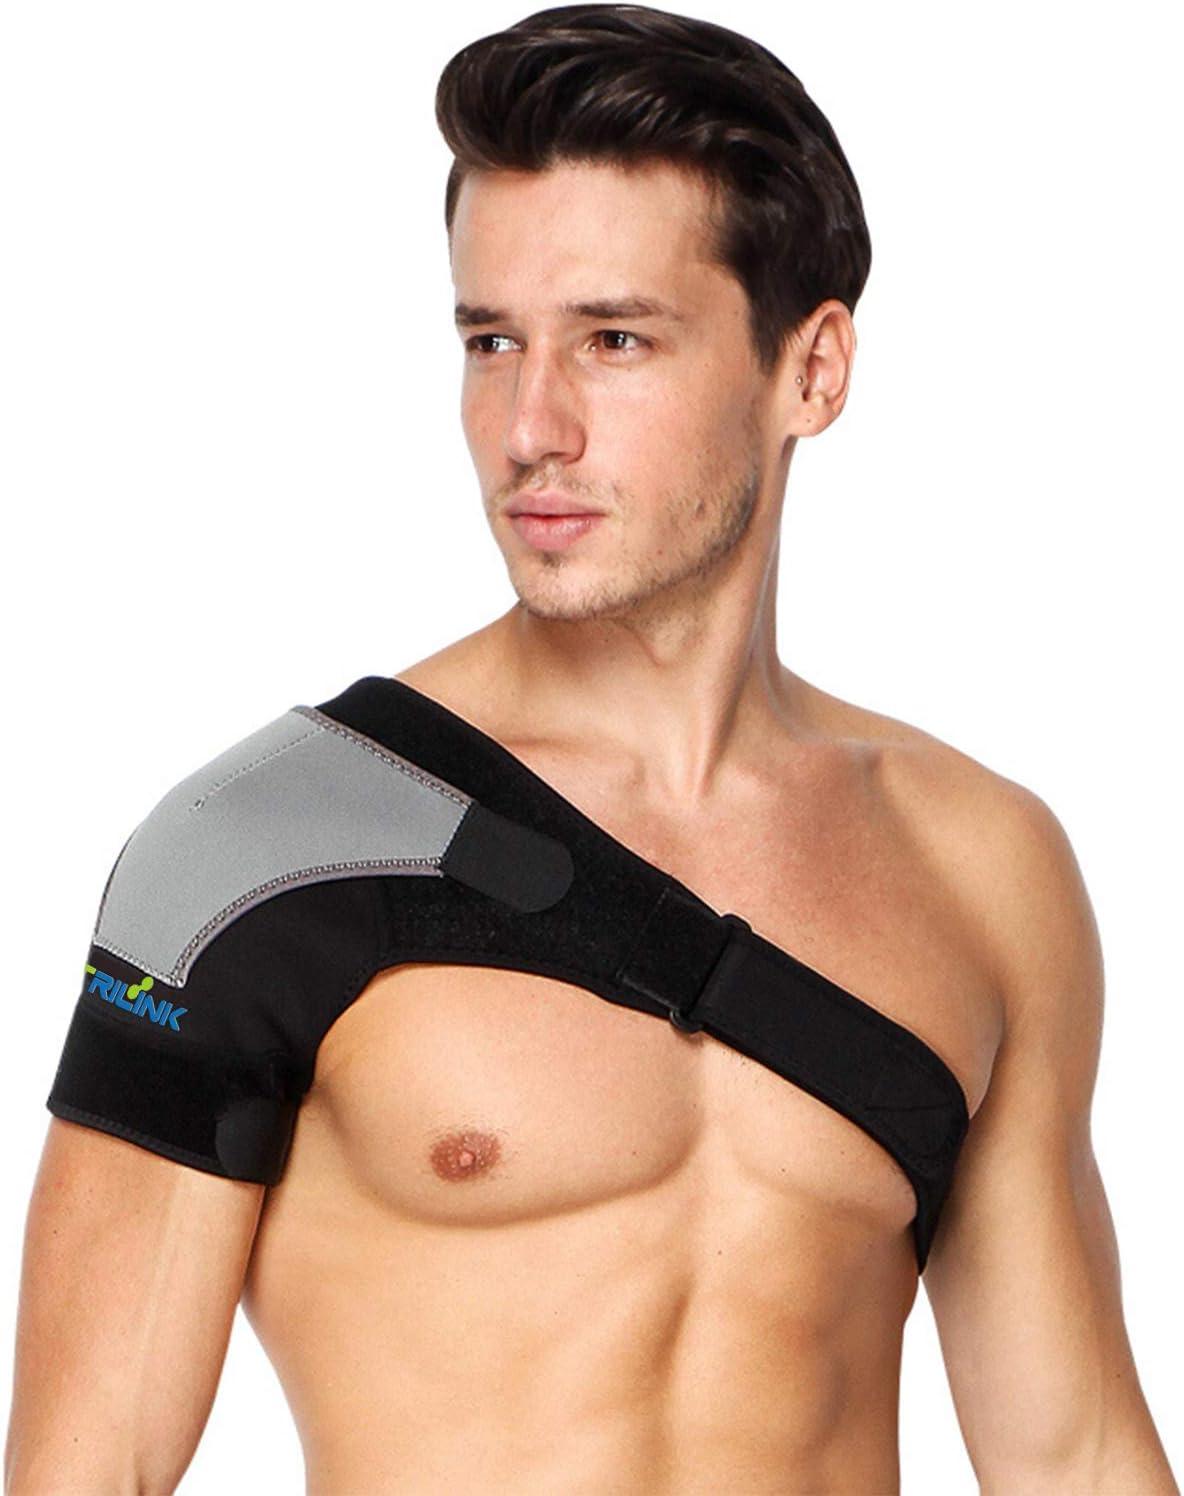 Hombrera Ajustable para Hombre y Mujer - Hombreras Deportivas Compatible con Paquete Frío/ Caliente - para el Manguito Rotador, Alivio del Dolor de Hombro, Desgarro de Labrum, Bursitis